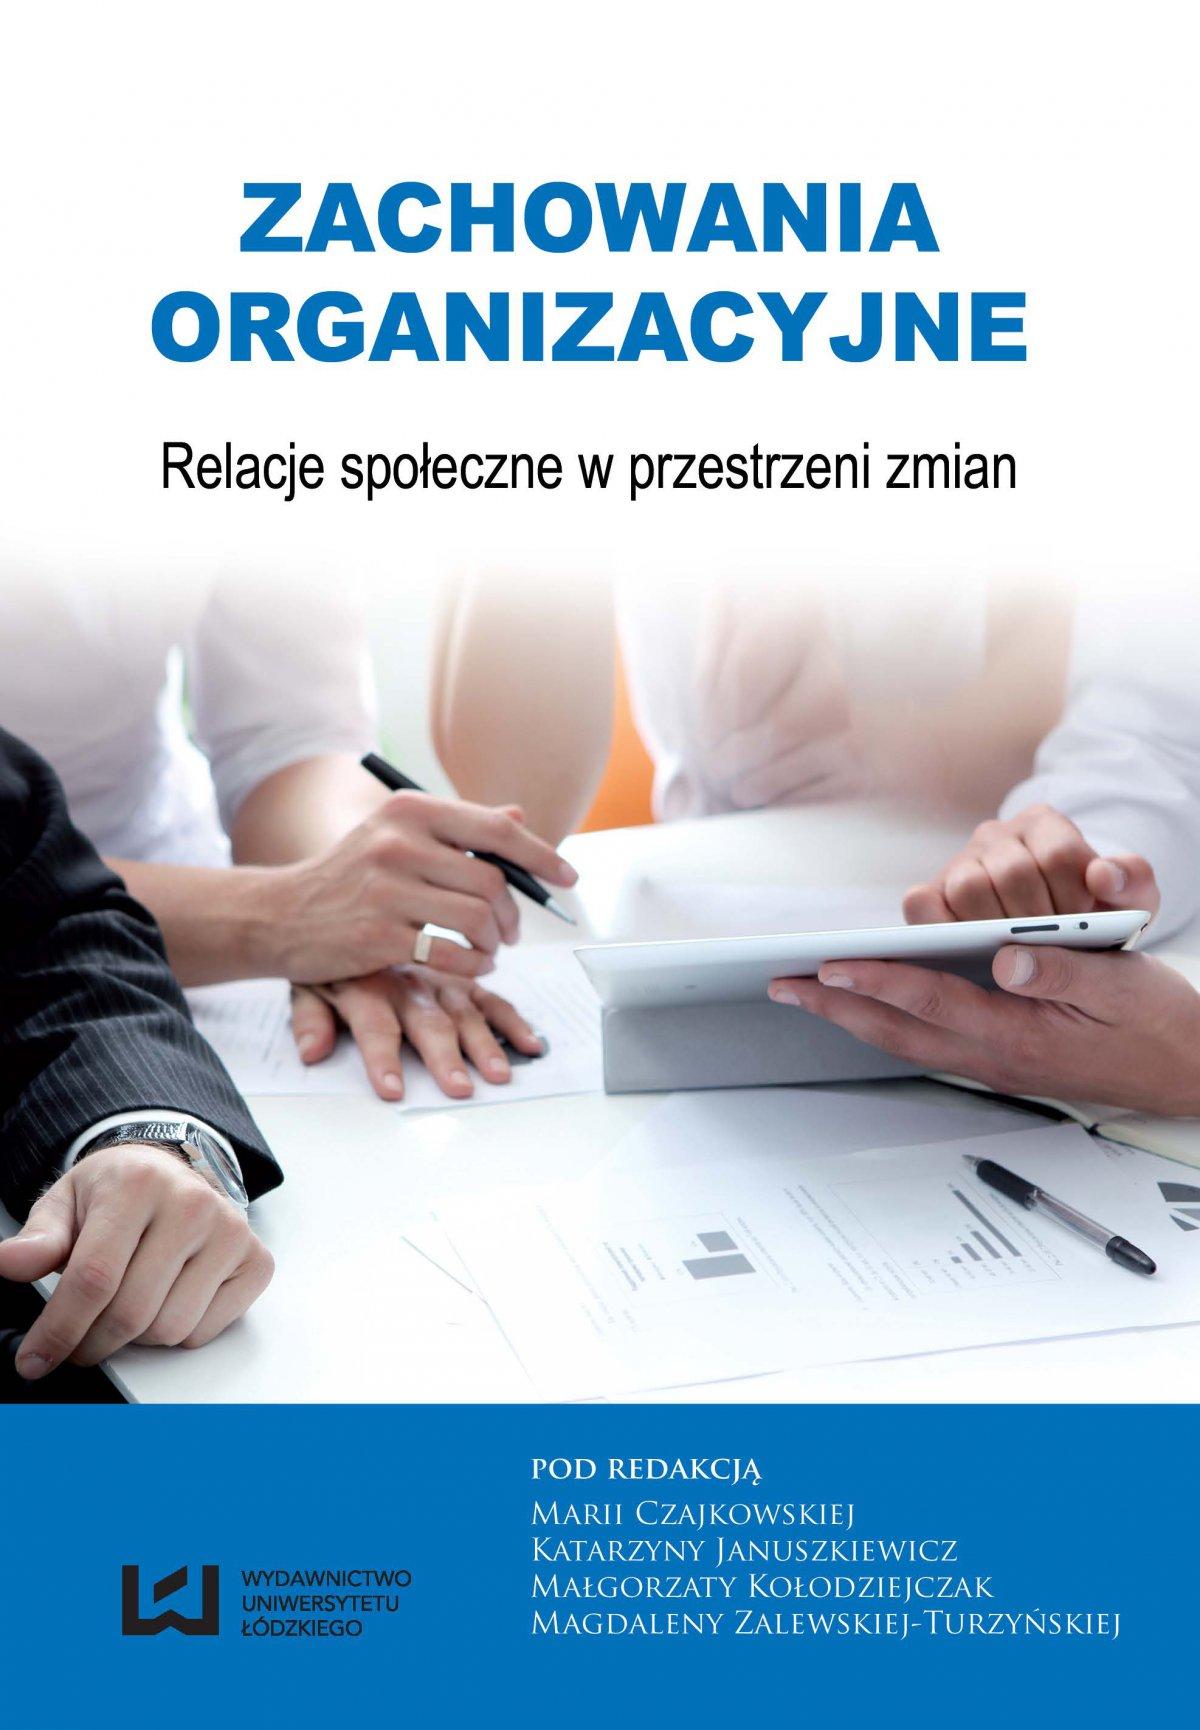 Zachowania organizacyjne. Relacje społeczne w przestrzeni zmian - Ebook (Książka PDF) do pobrania w formacie PDF